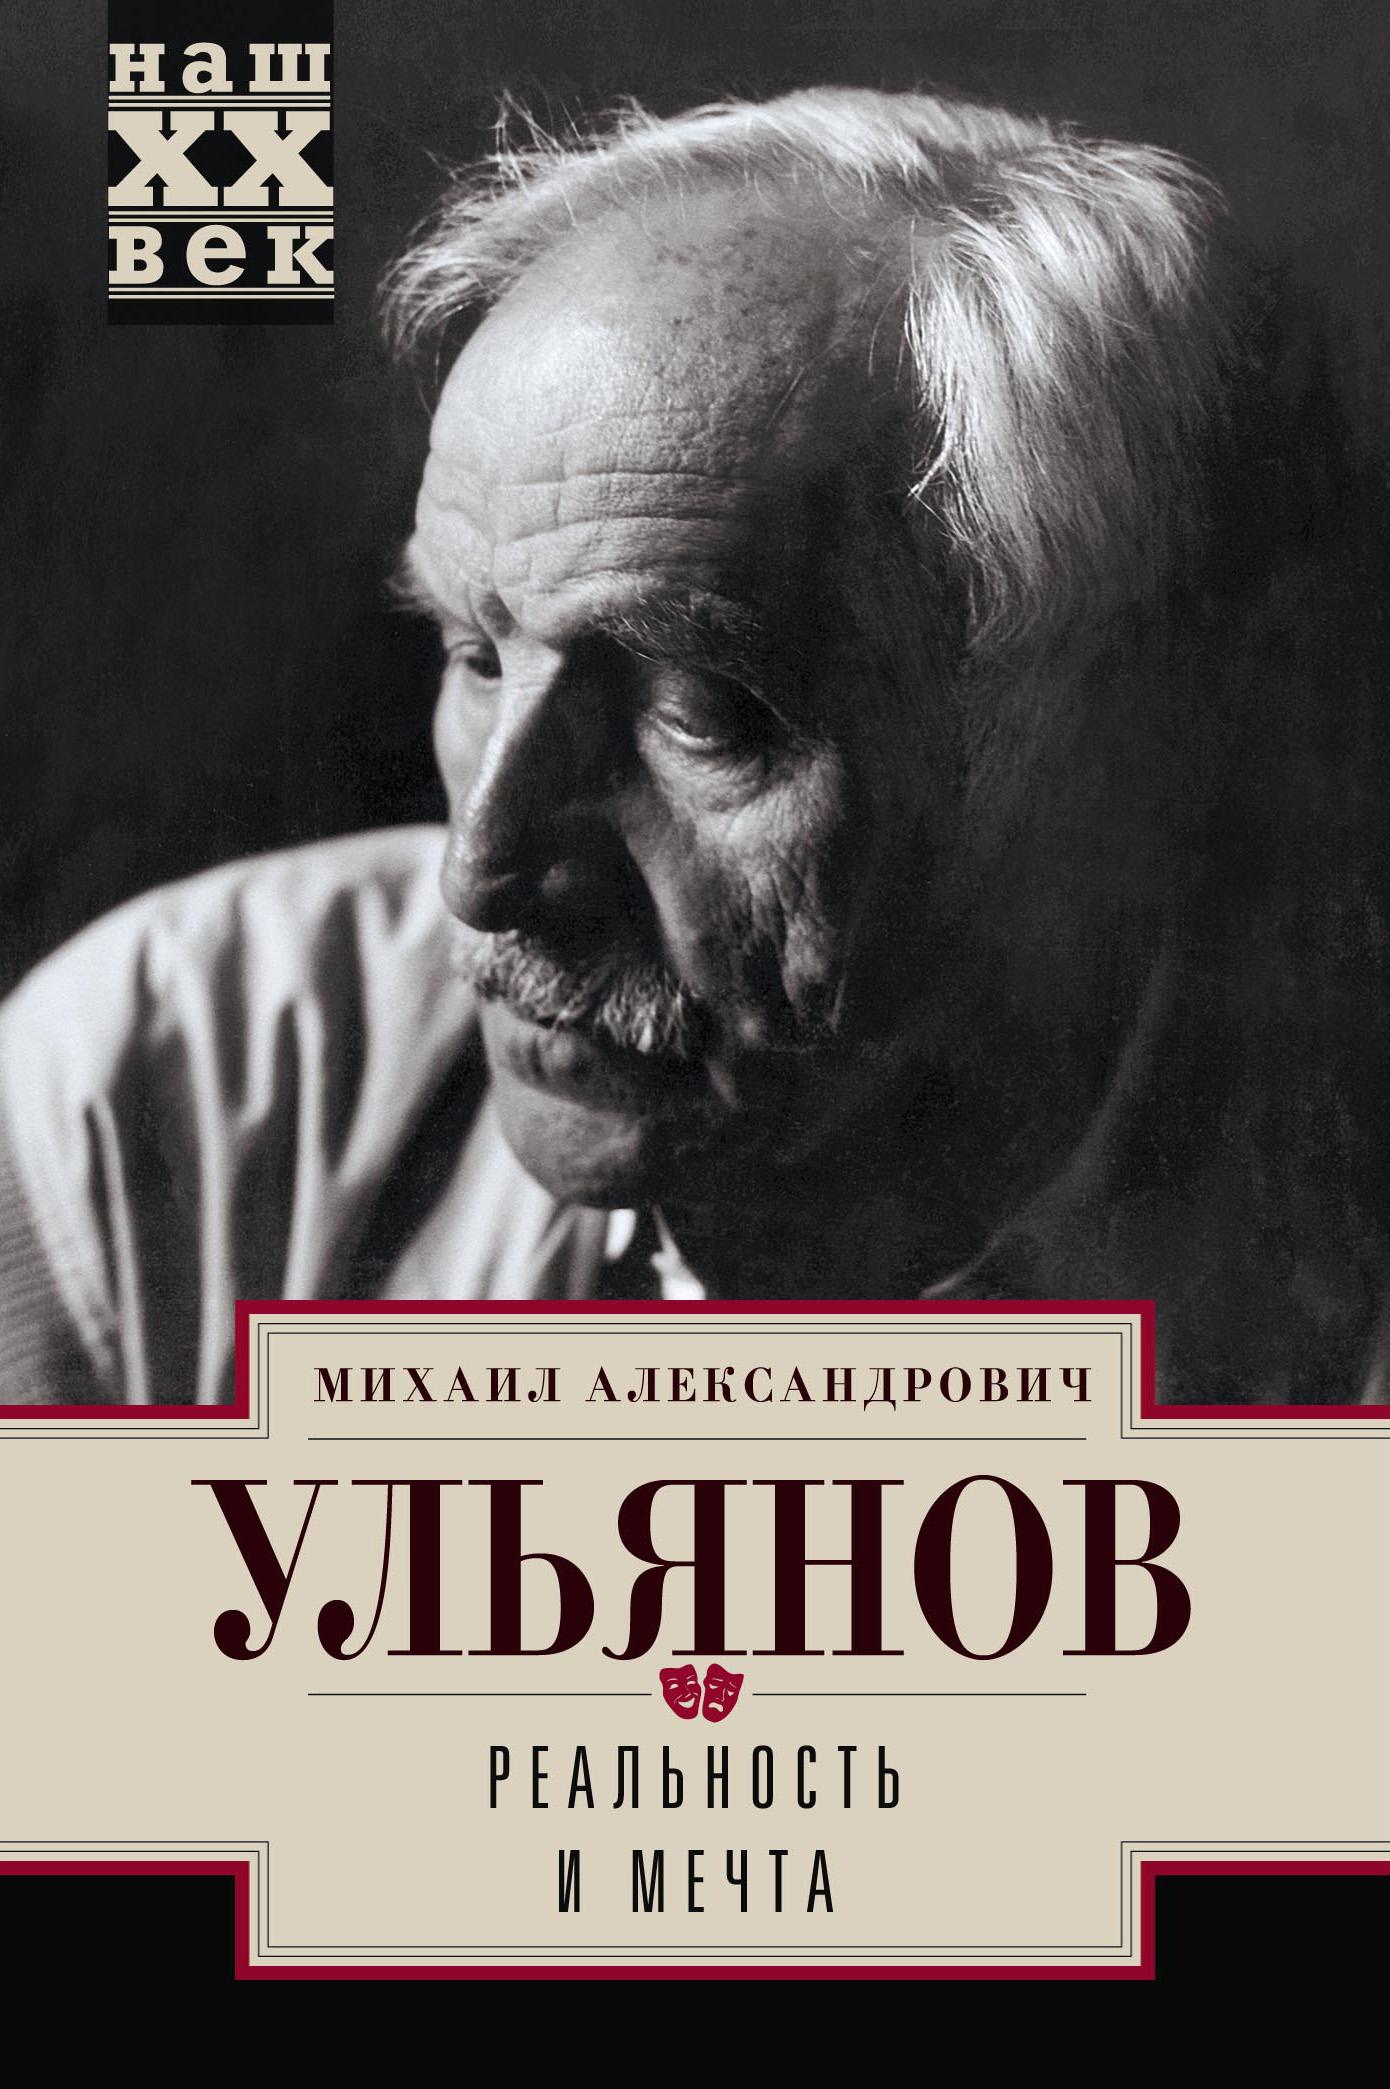 Михаил Ульянов Реальность и мечта реальность и мечта